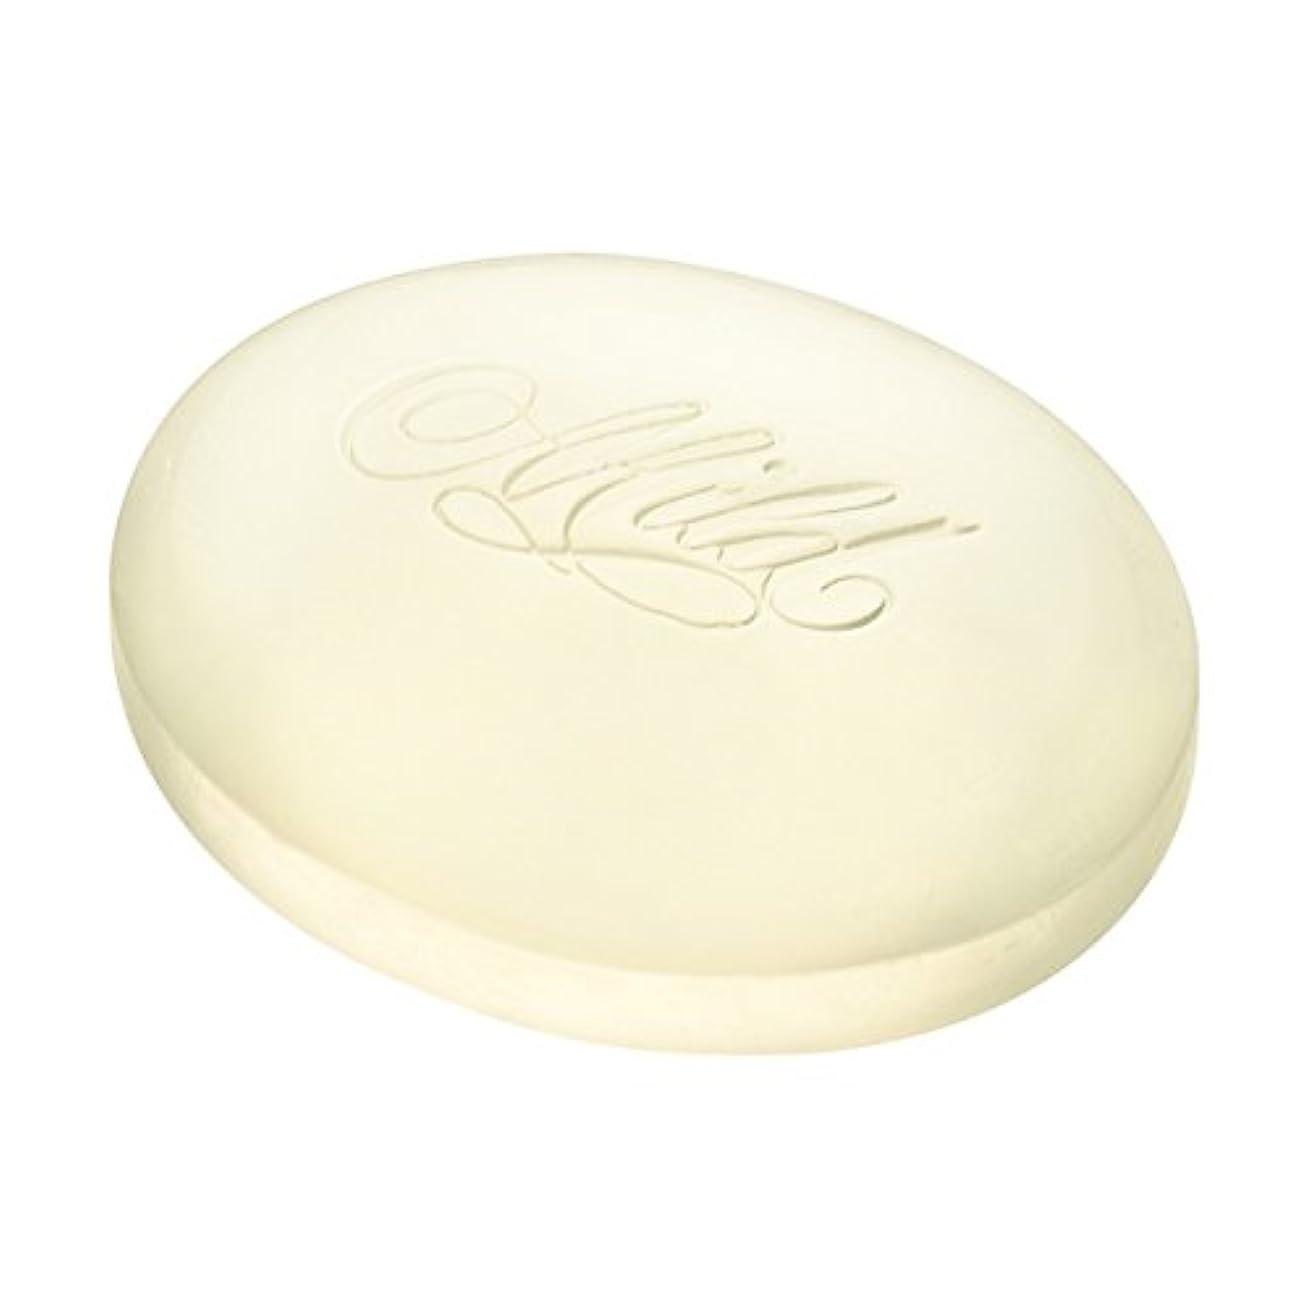 資生堂 マイルドケーキ 標準重量100g